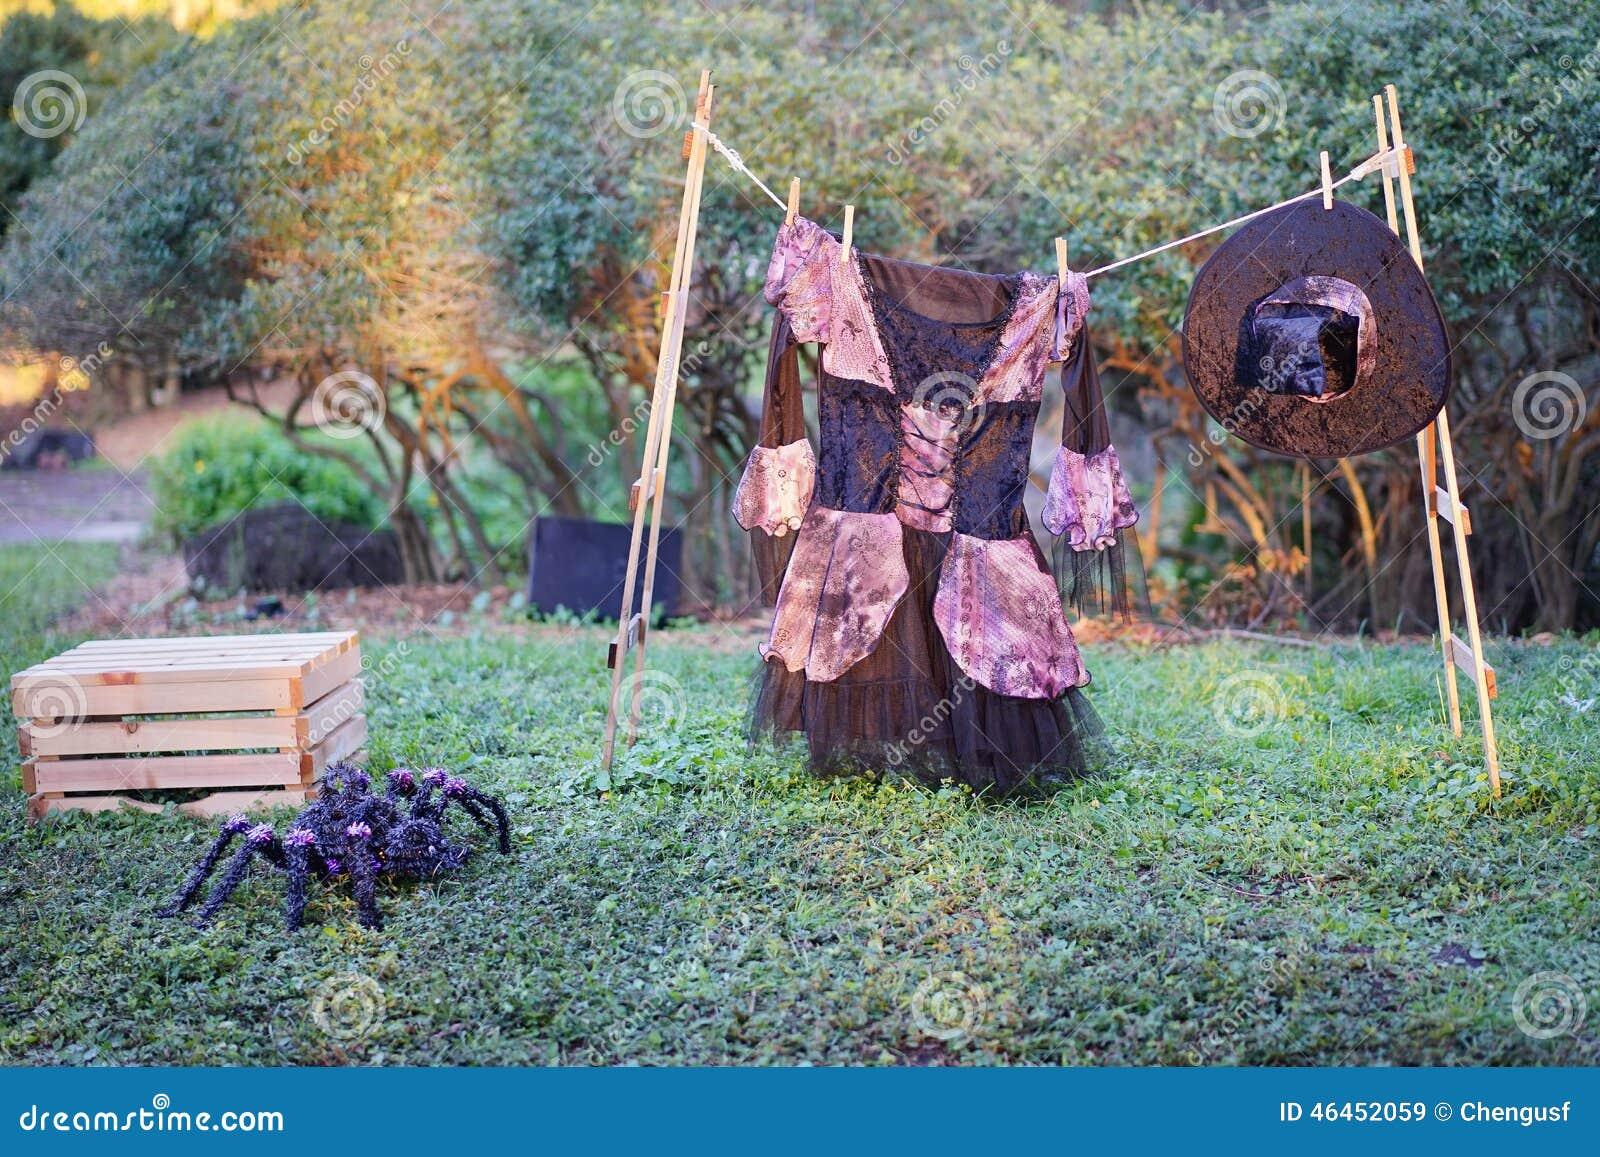 Decoration Sorciere Halloween.La Décoration De Halloween Araignée Et Sorcière Image Stock